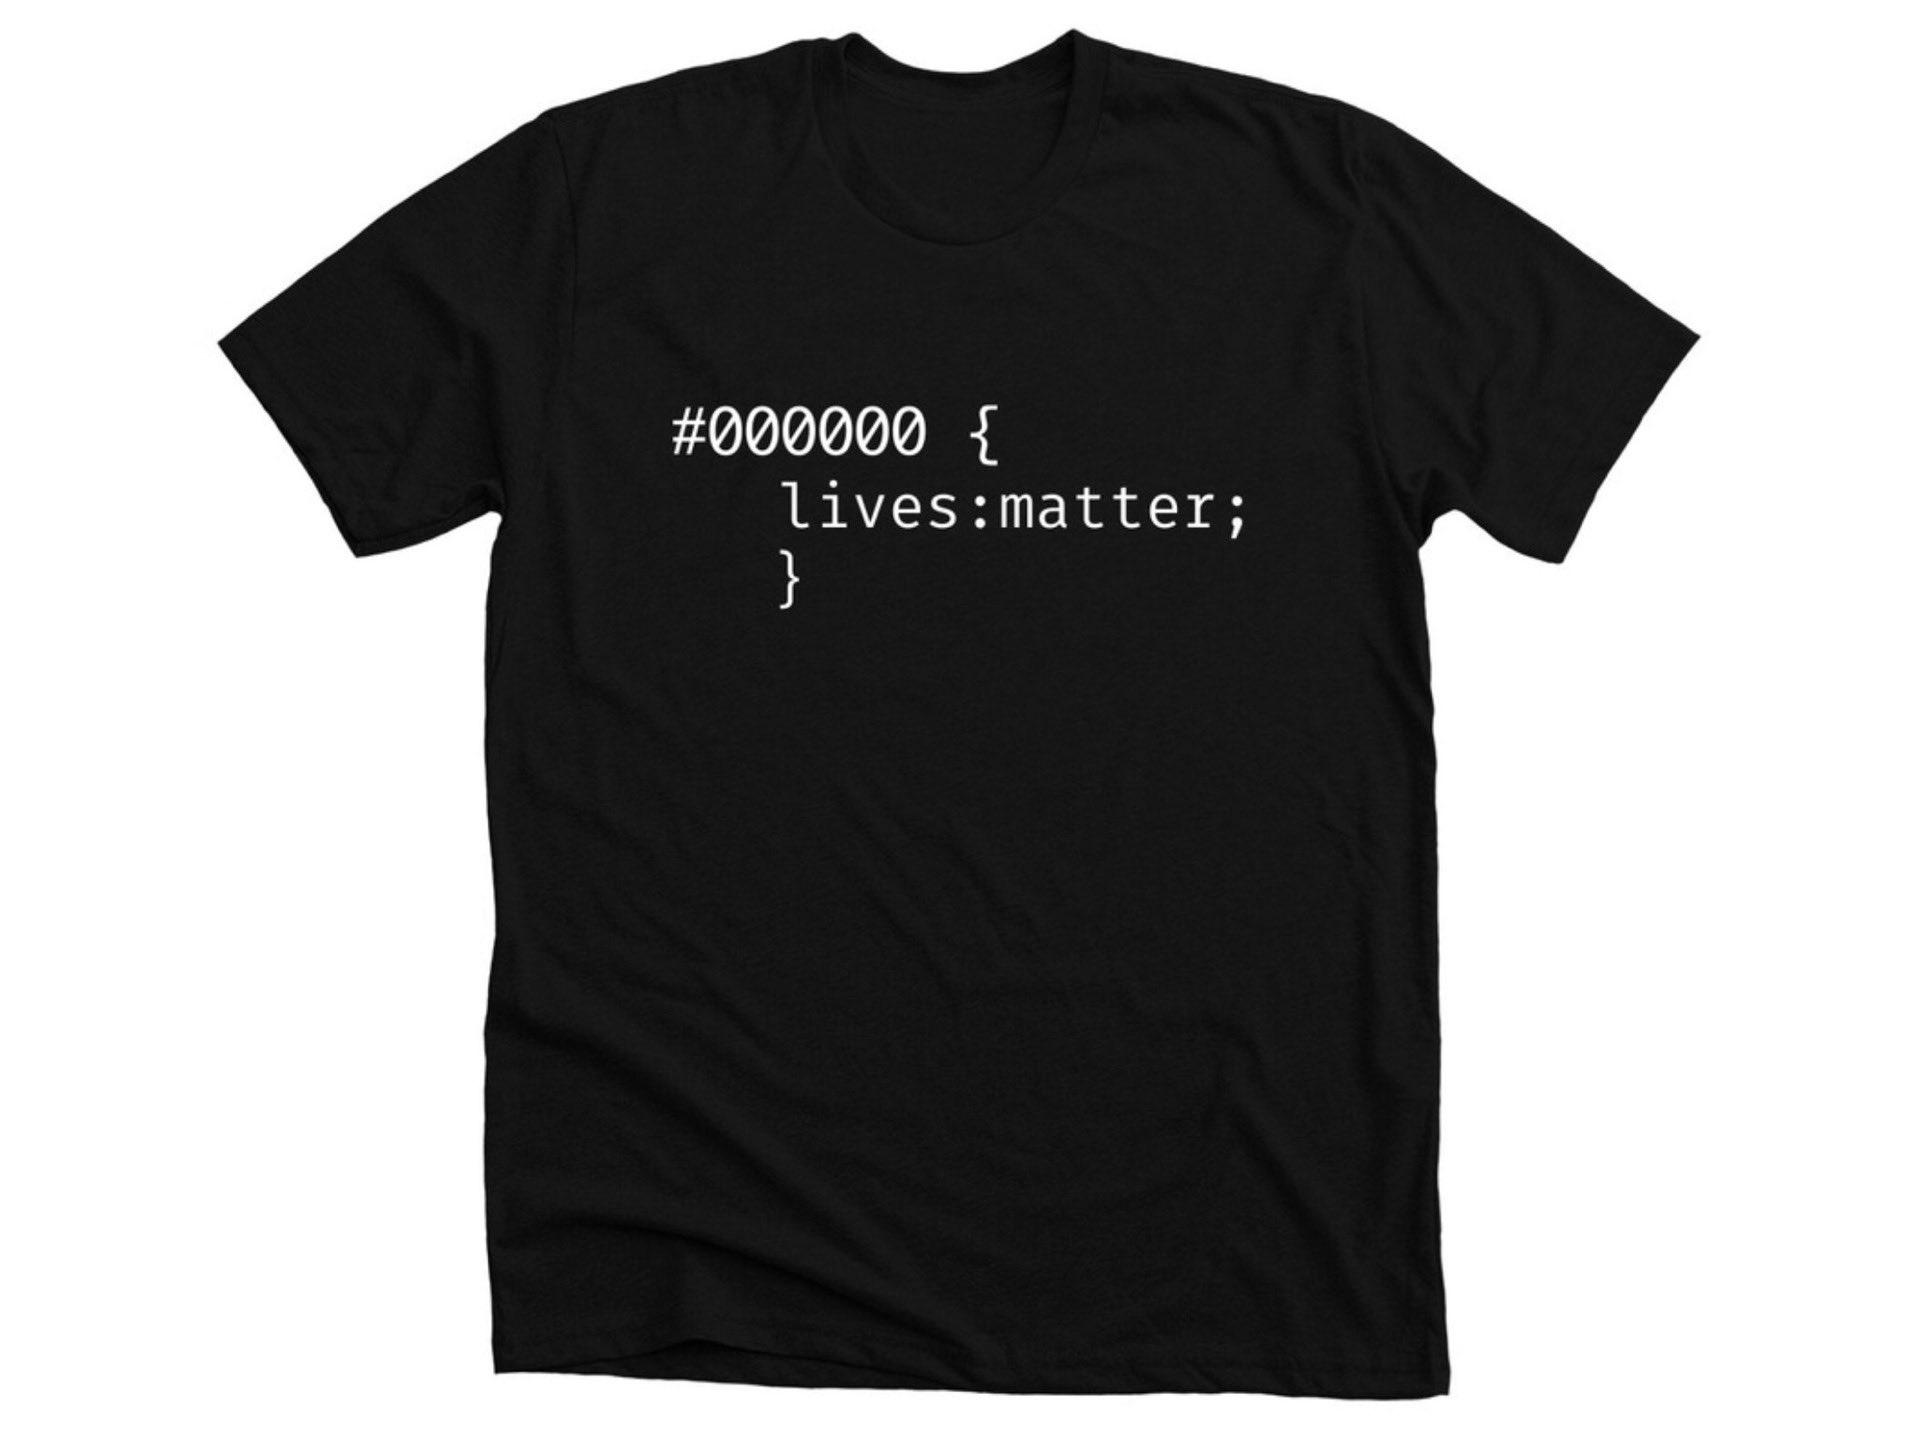 black-lives-matter-css-t-shirt